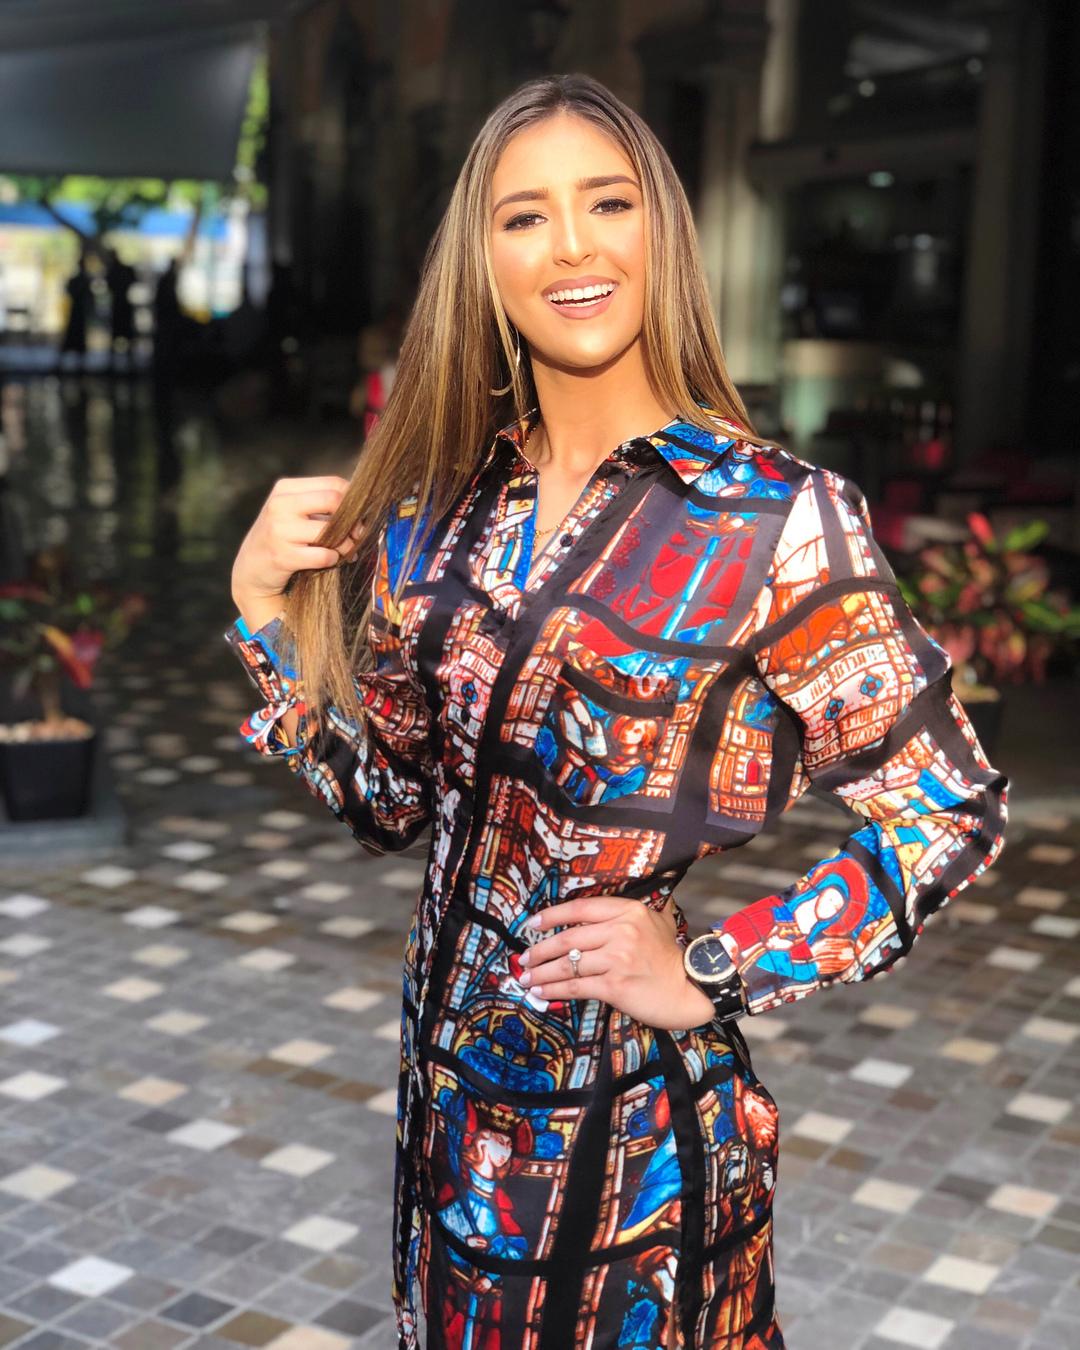 maria victoria abuhazi, top 6 de miss teen mundial 2018/super beleza juvenil internacional 2017. 32162710